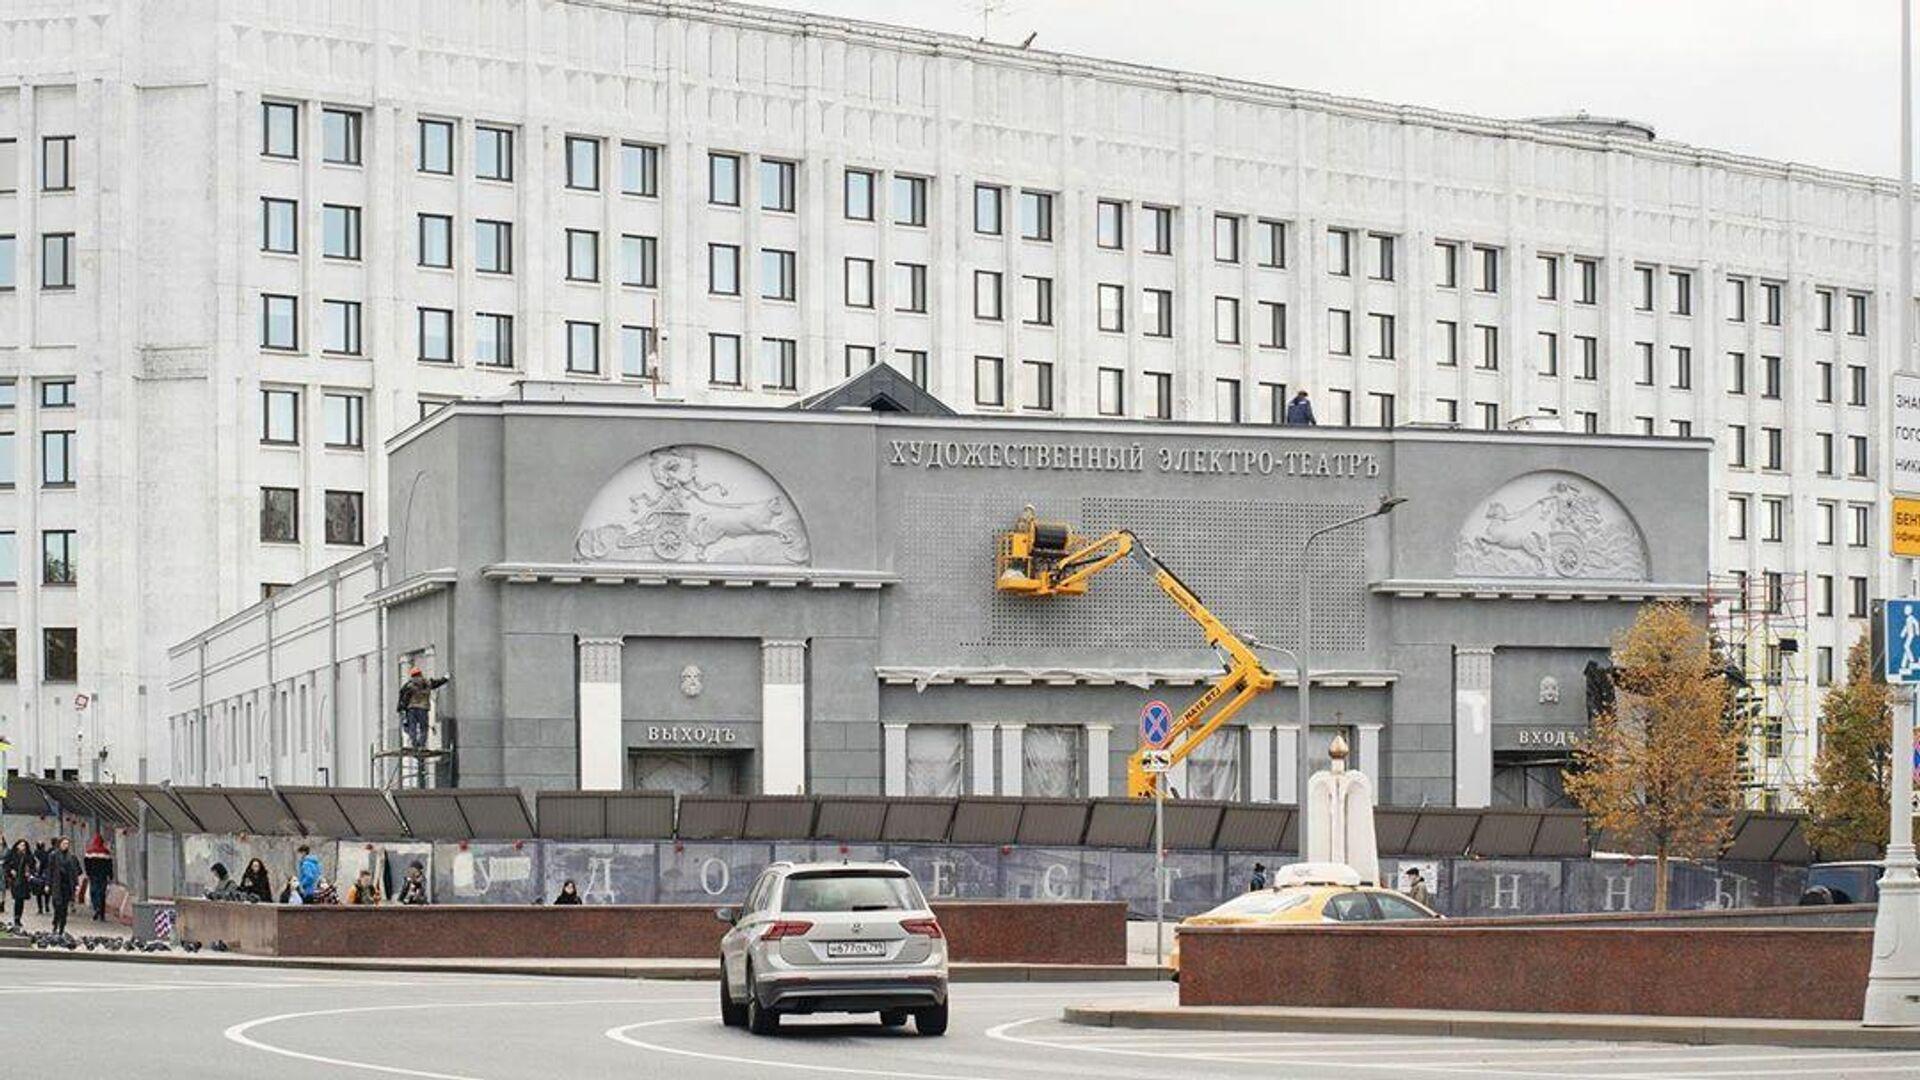 Фасад кинотеатра Художественный открыли после реставрации в Москве - РИА Новости, 1920, 20.11.2020